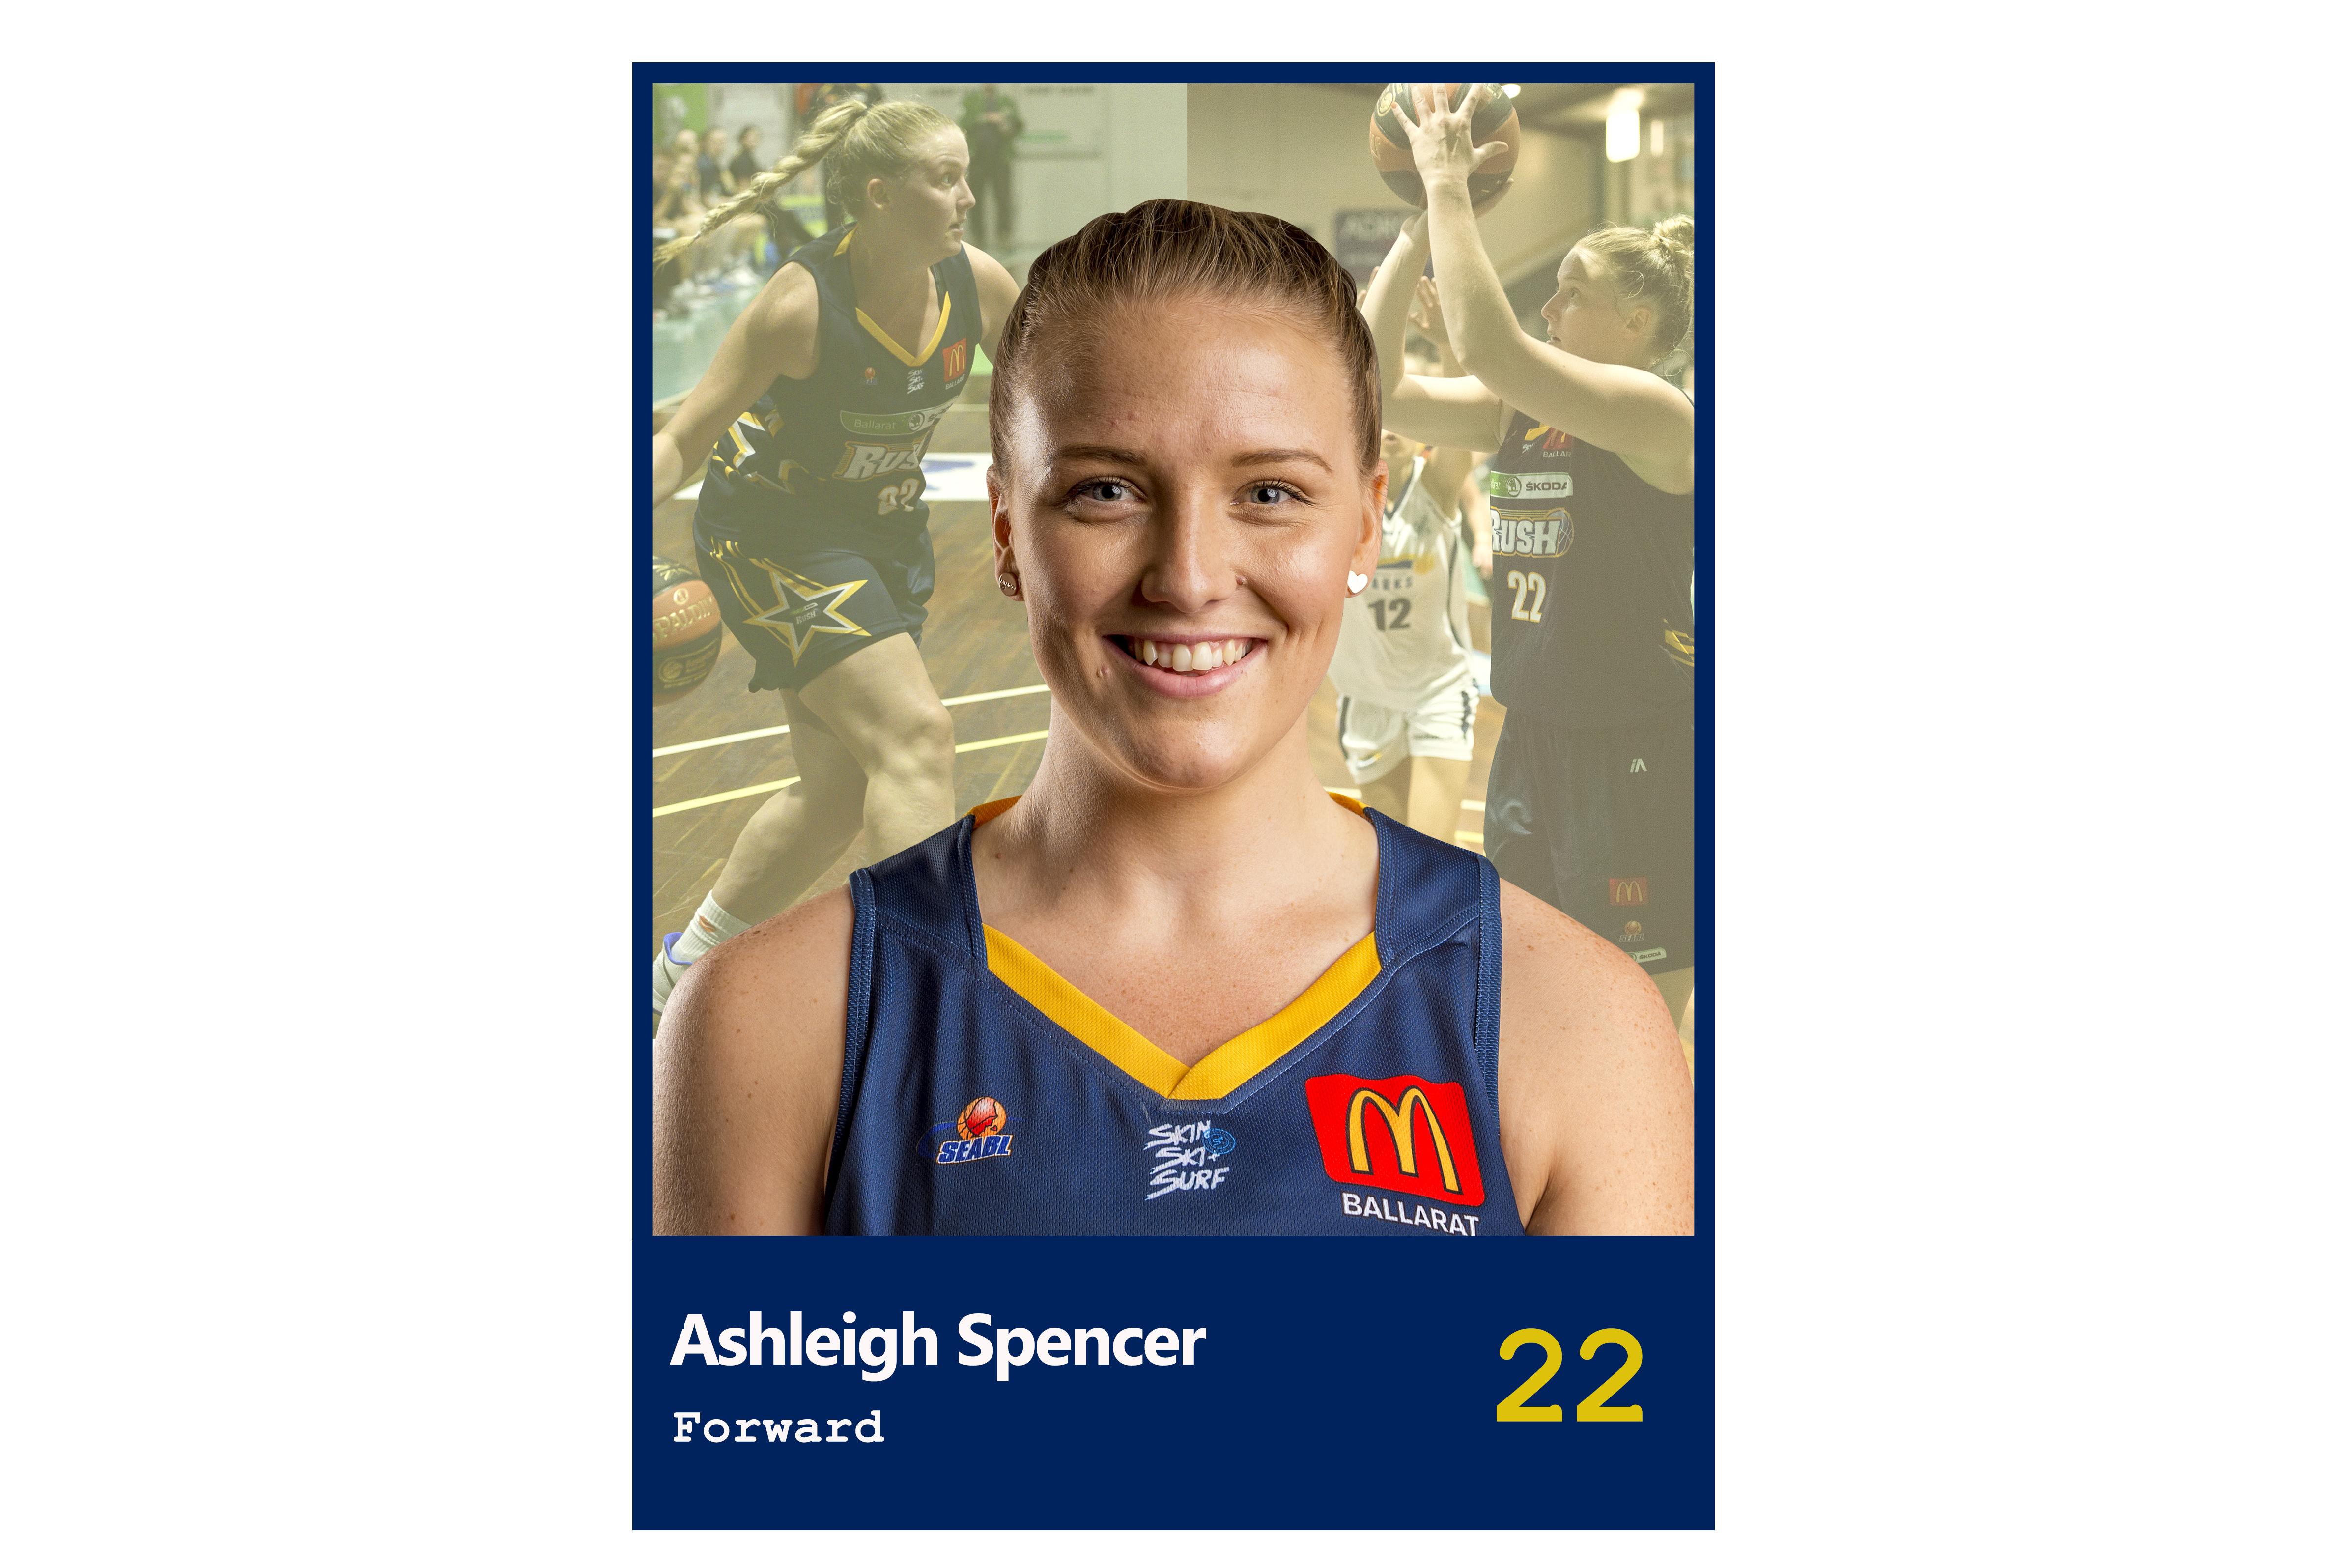 Ashleigh Spencer